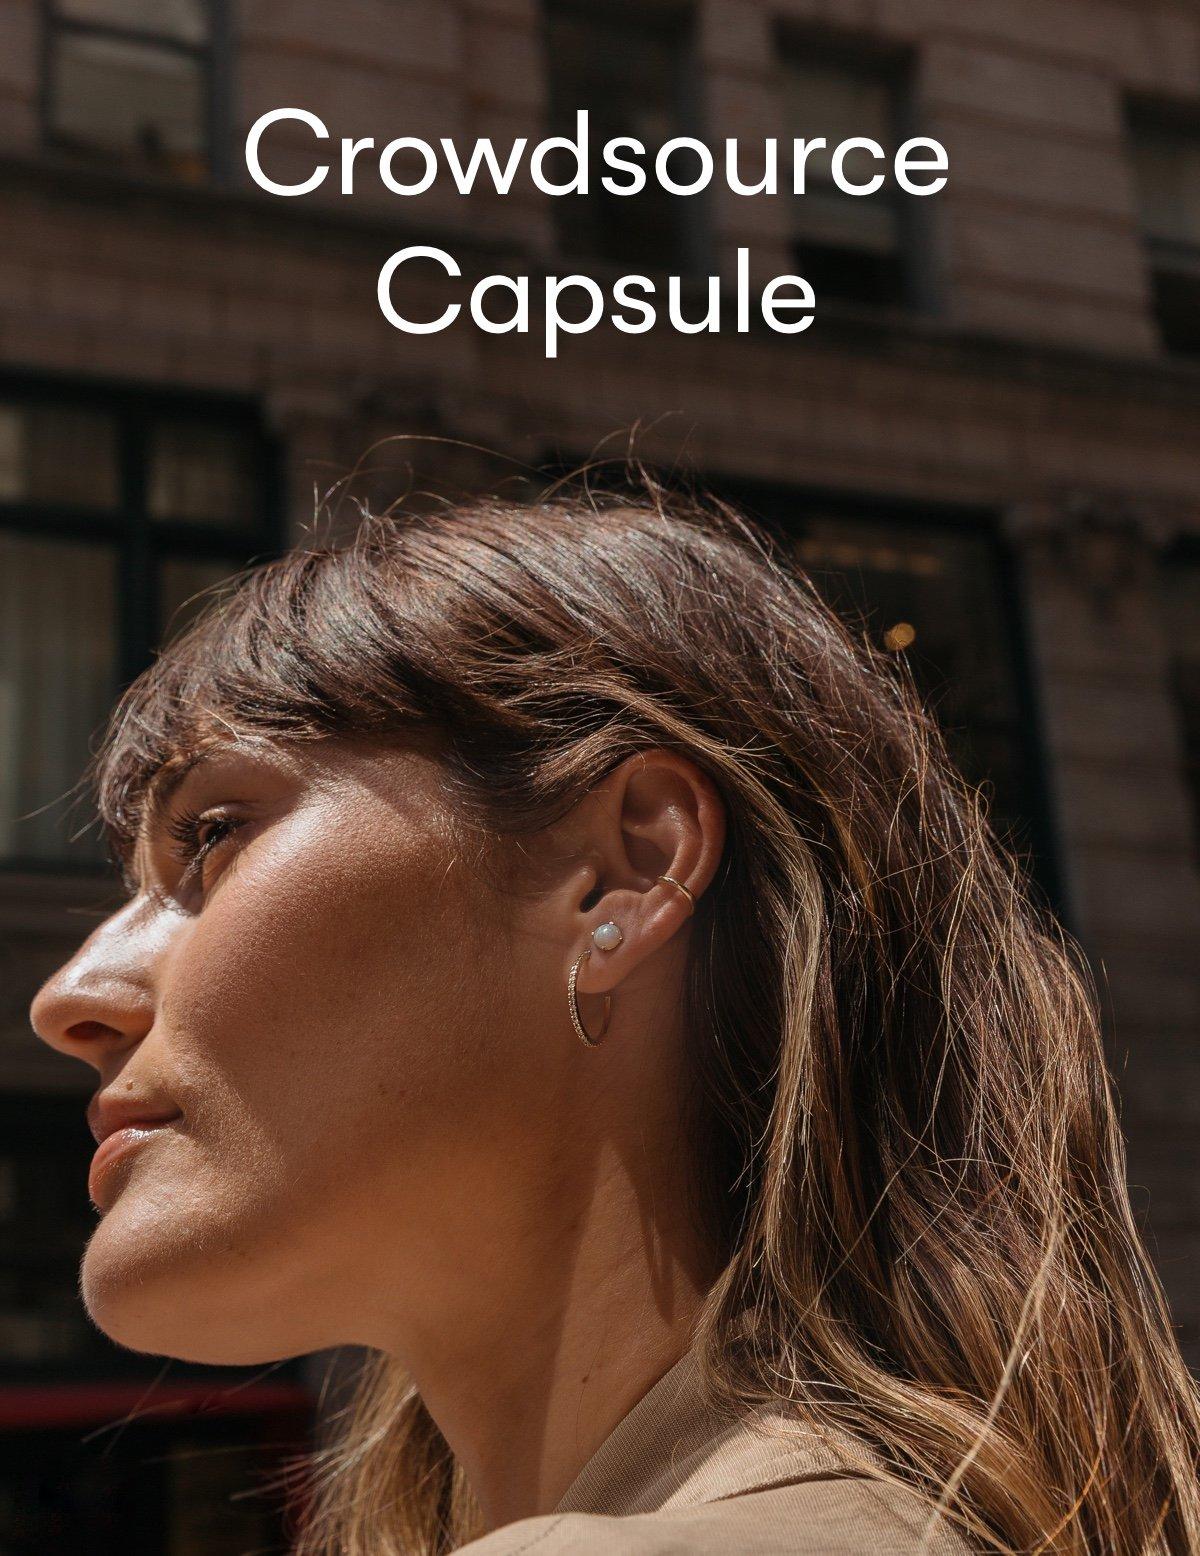 crowdsource capsule